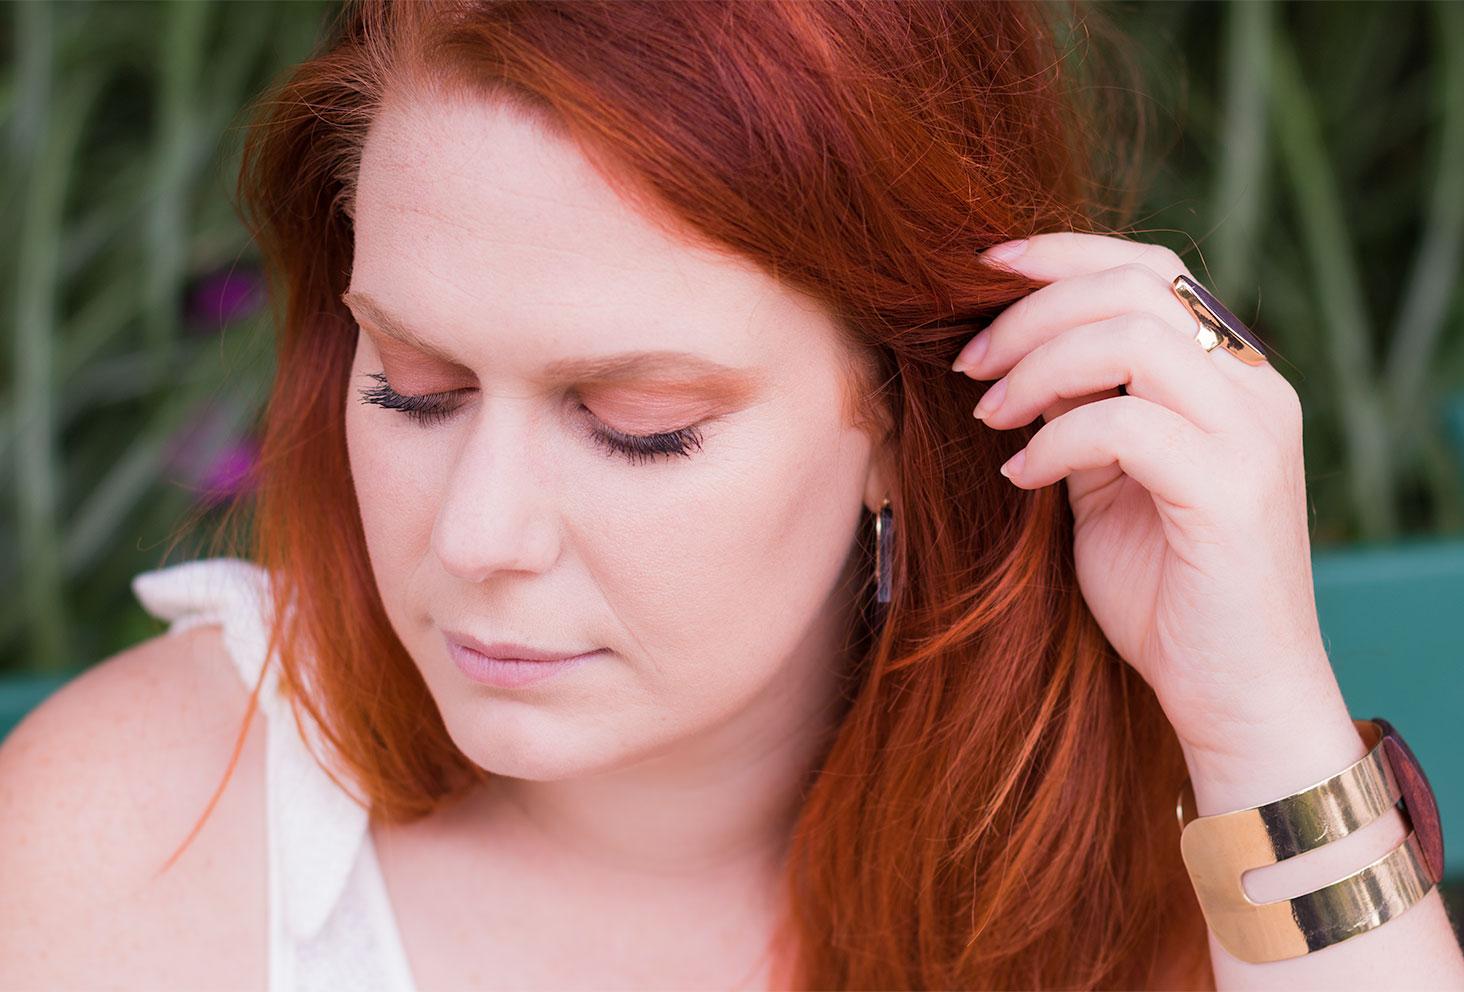 Zoom sur un make-up marron et doré, les yeux fermés et la main dans les cheveux roux